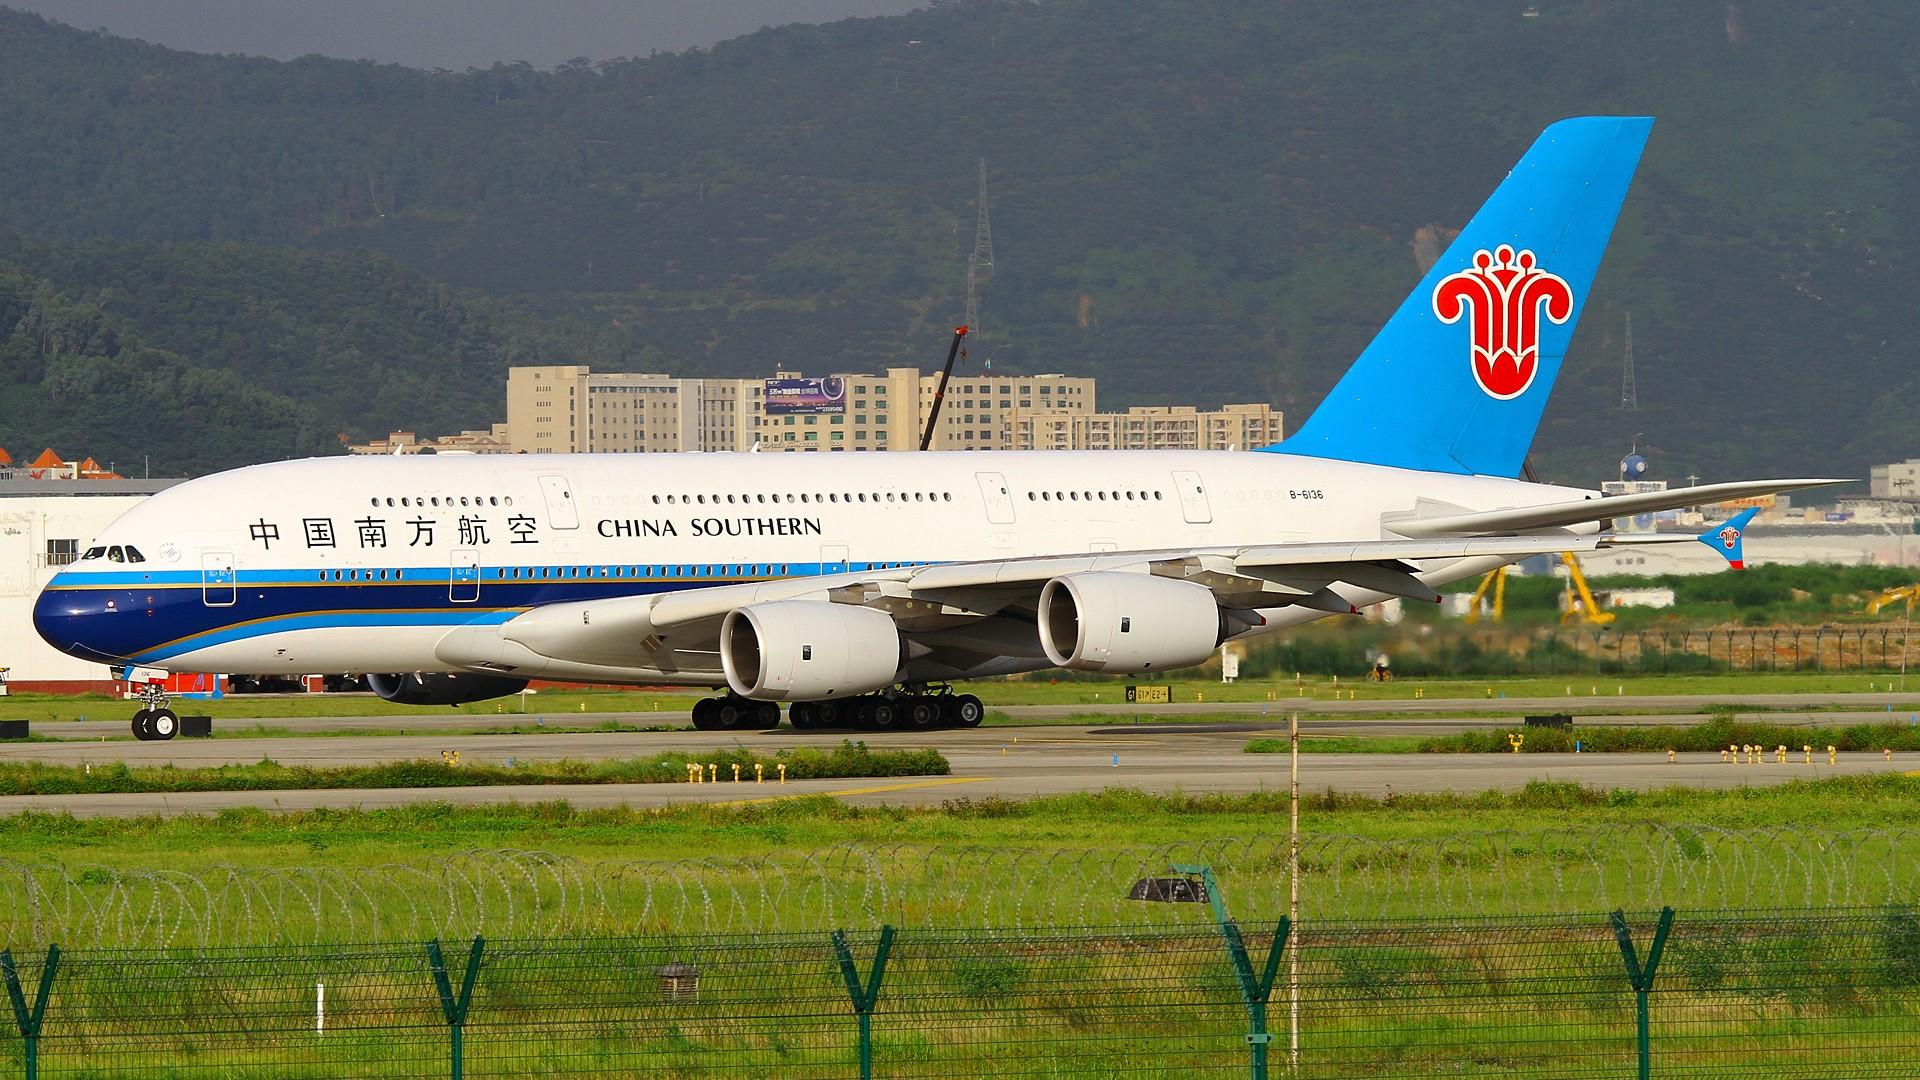 [原创]◇ ◆ ◇ ◆ ◇ ◆怀念夏天好天气 送上1080P A380无码滑行图一张◇ ◆ ◇ ◆ ◇ ◆